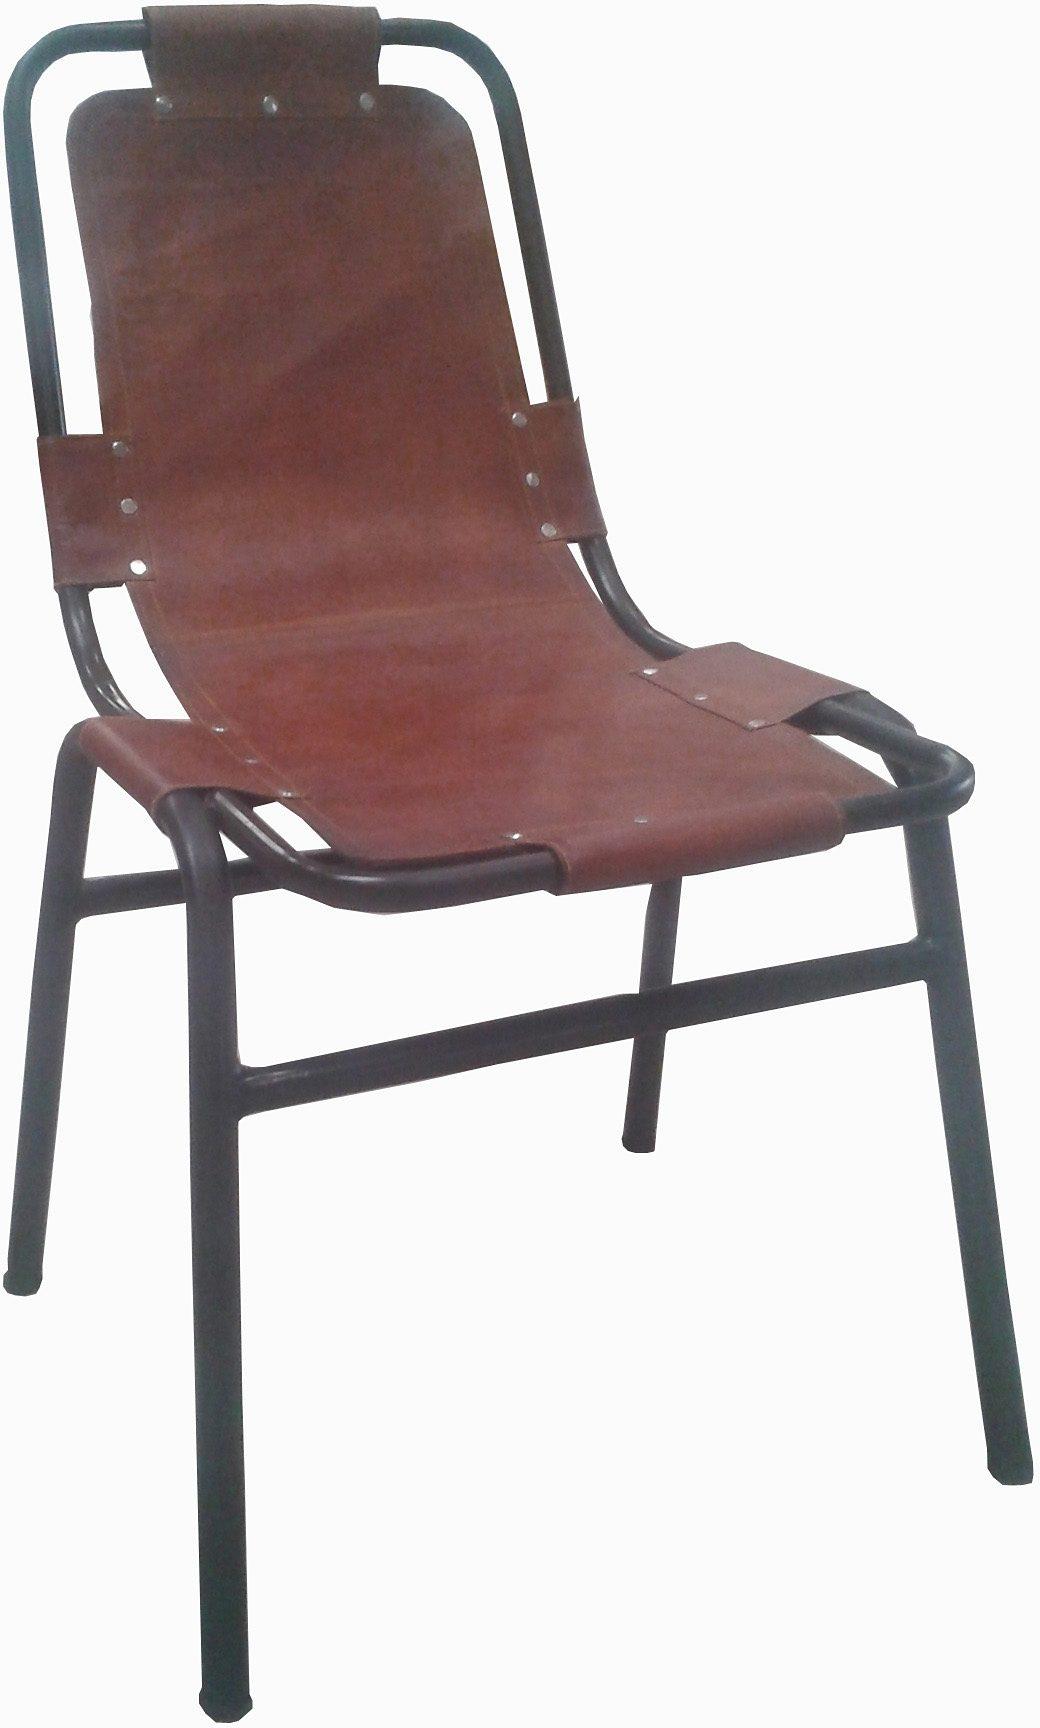 Stuhl, Home affaire, »Iron« aus Metall und Leder, im 2er-Set